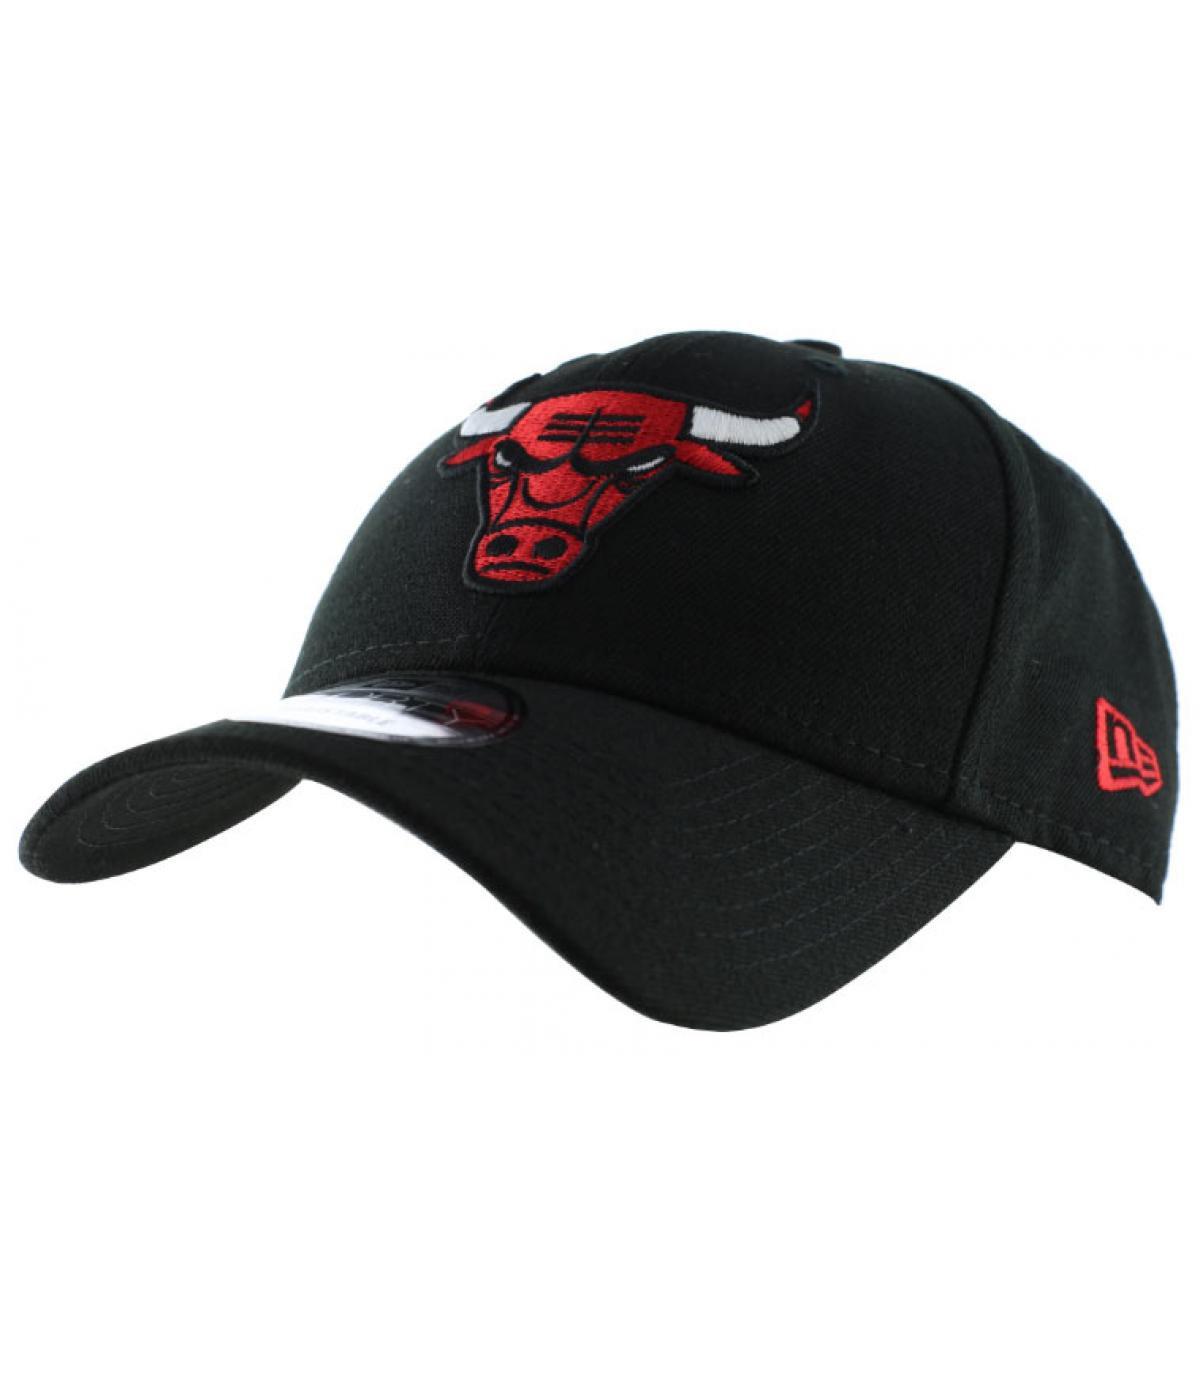 d38e5a033cda ... Détails Casquette Enfant Chicago Bulls The League team - image ...